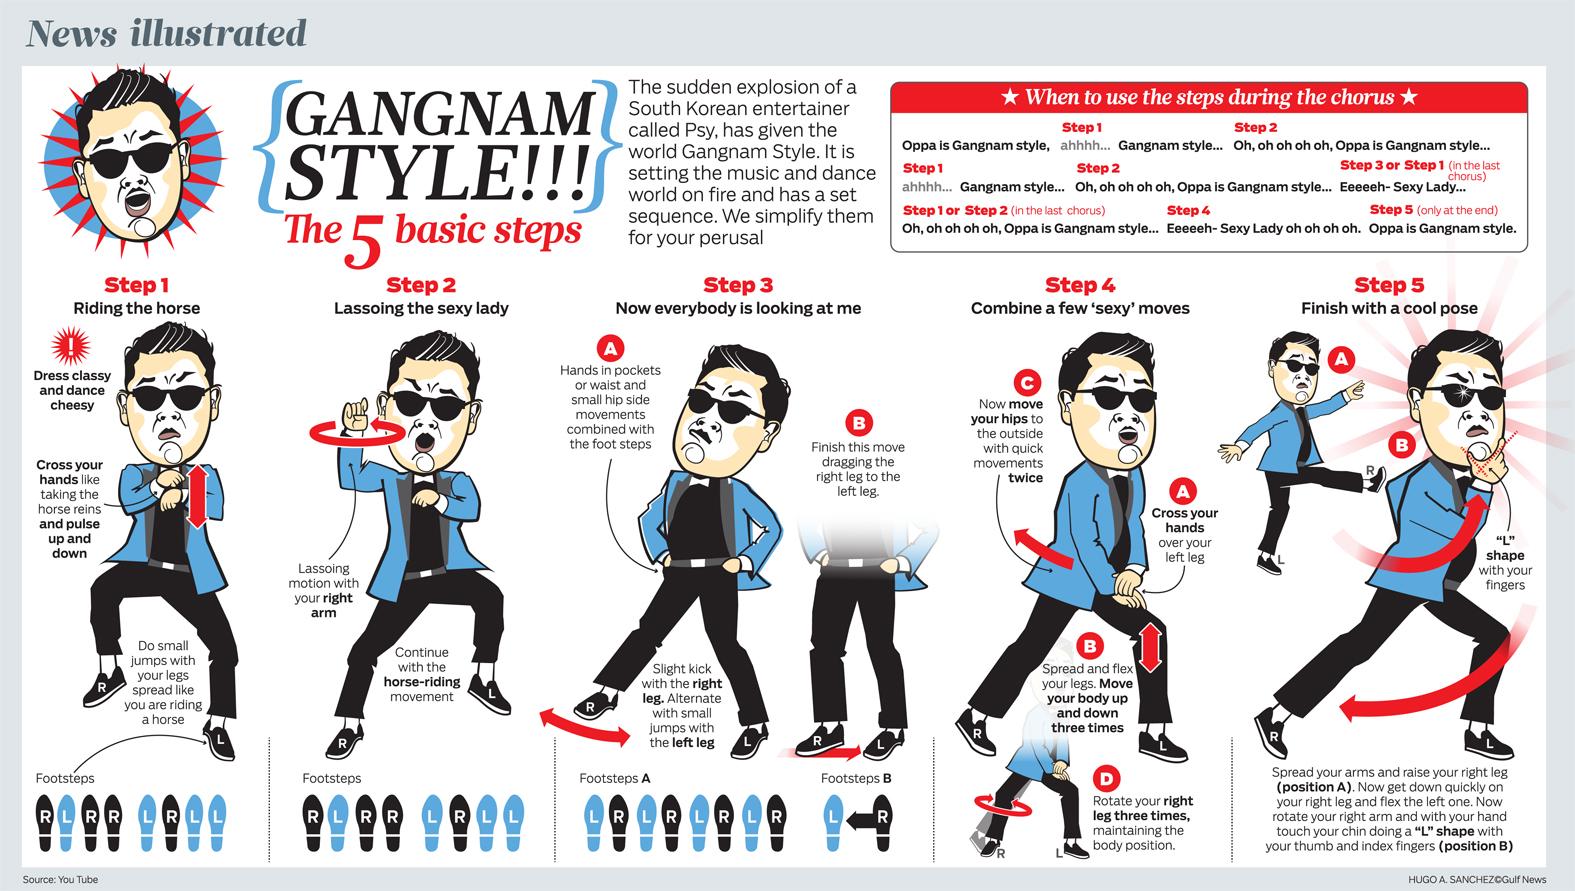 http://2.bp.blogspot.com/-IPOOGZ87WFE/UMtNhzNjCSI/AAAAAAAARUU/qDhlnyrRXfg/s1600/GangnamStyleThe5BasicSteps_50b941fe62867.jpg